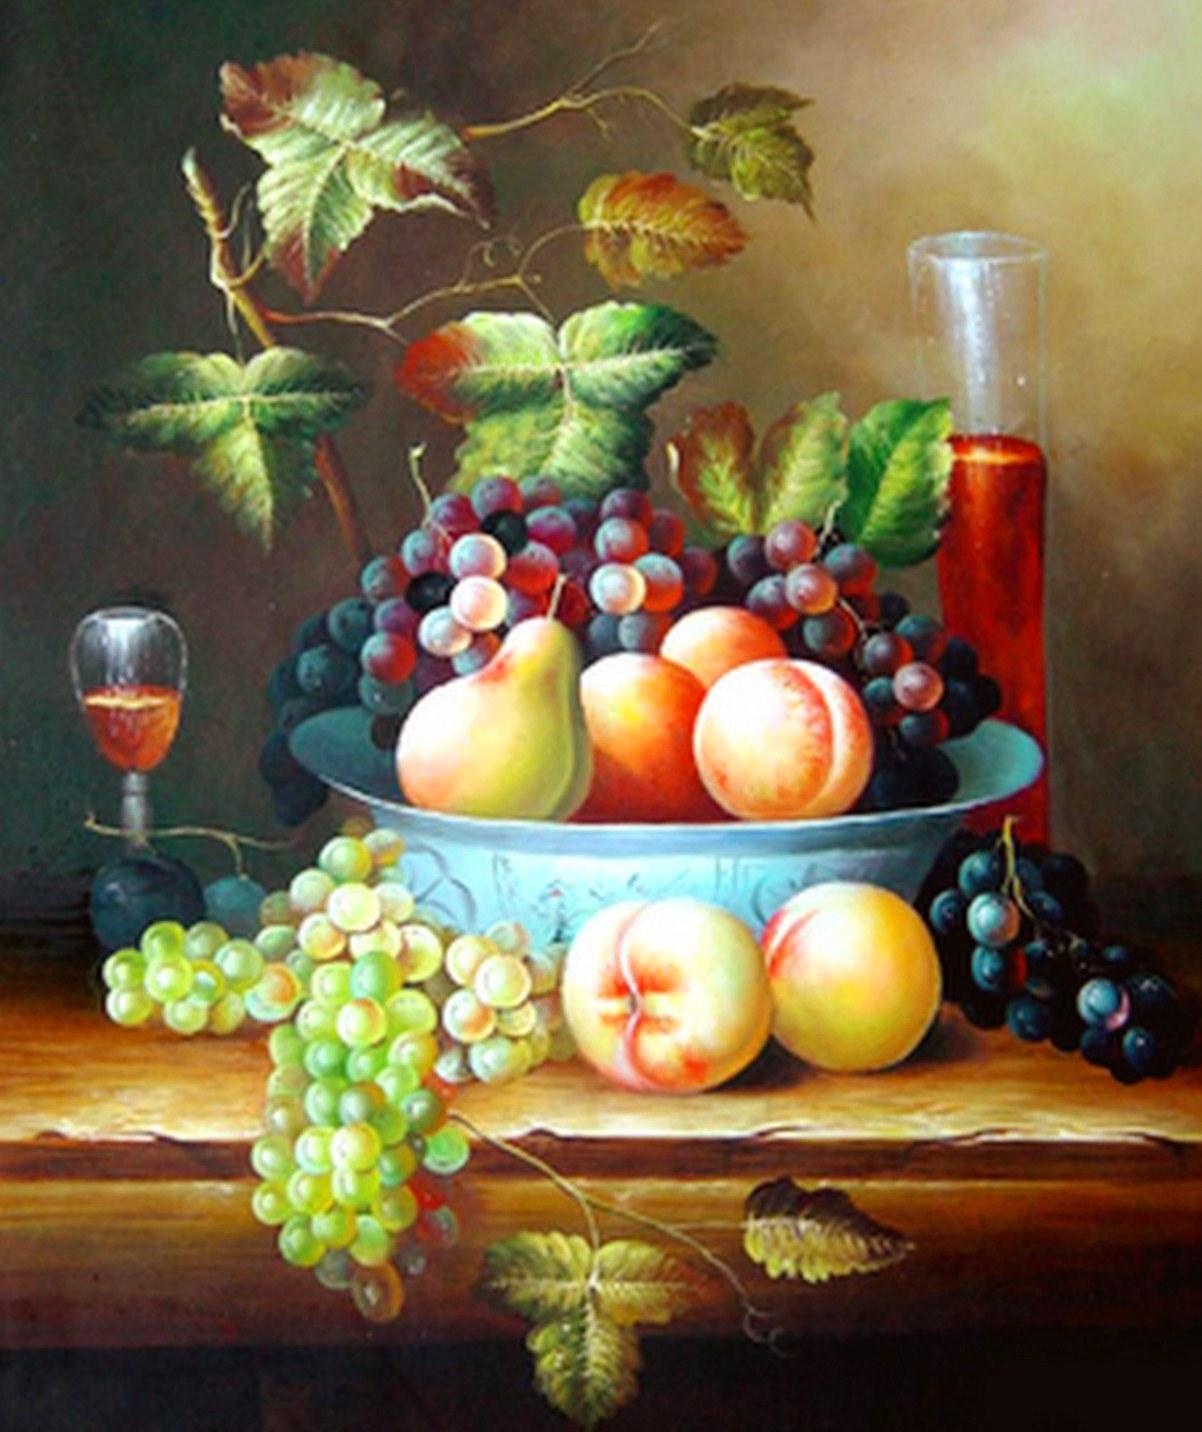 Galeria De Pintura Al Oleo: Imágenes Arte Pinturas: Galería De Bodegones